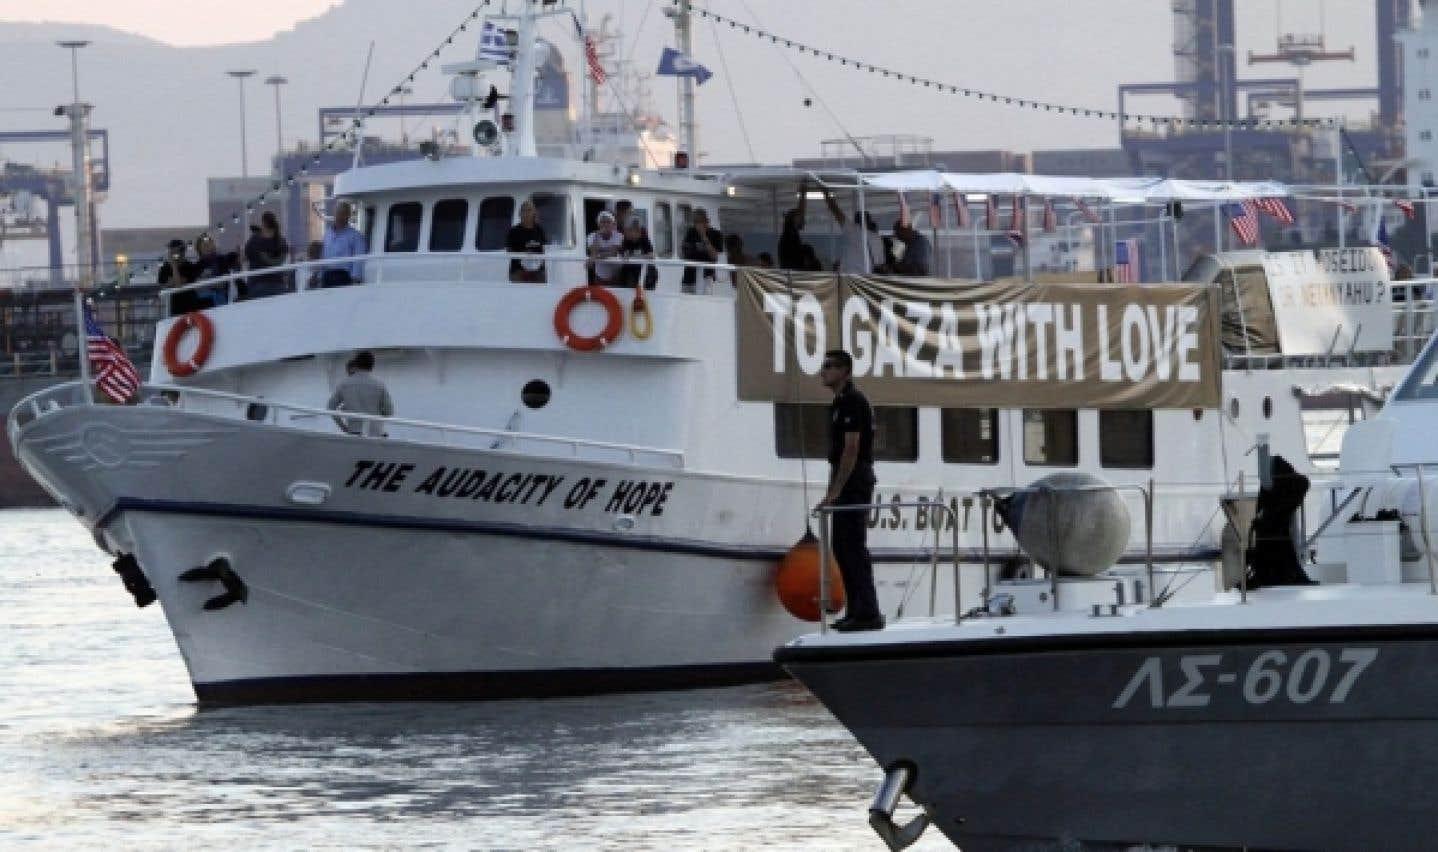 Flottille d'aide pour Gaza: un capitaine de bateau est arrêté par la Grèce